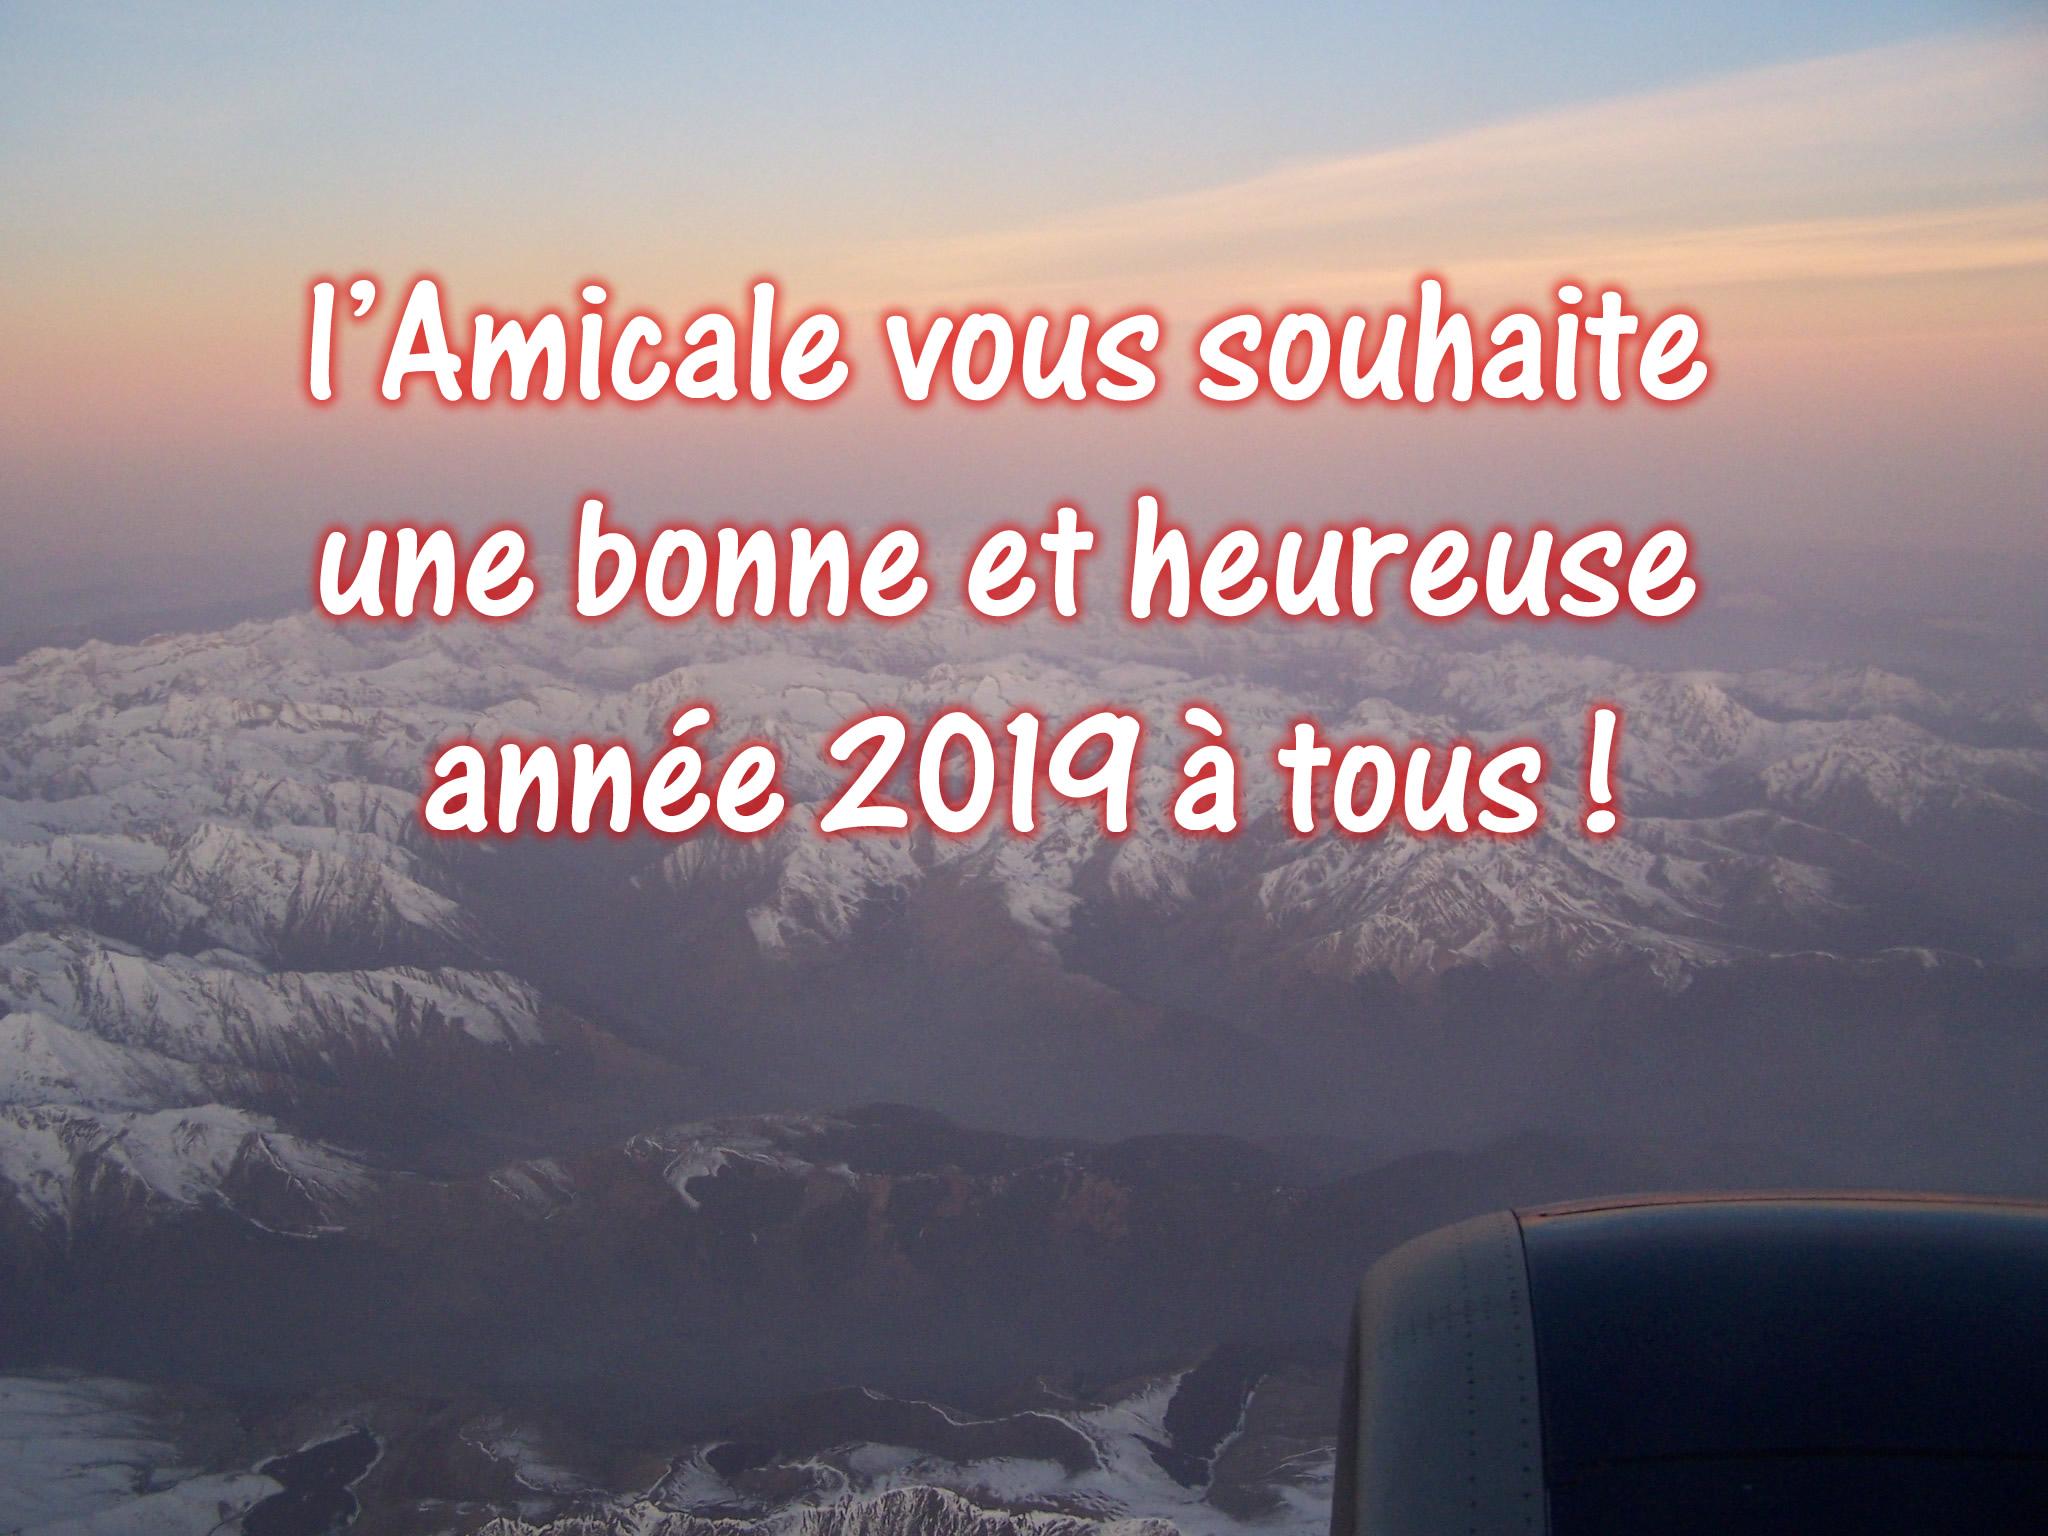 Bonne année 2019 !!!